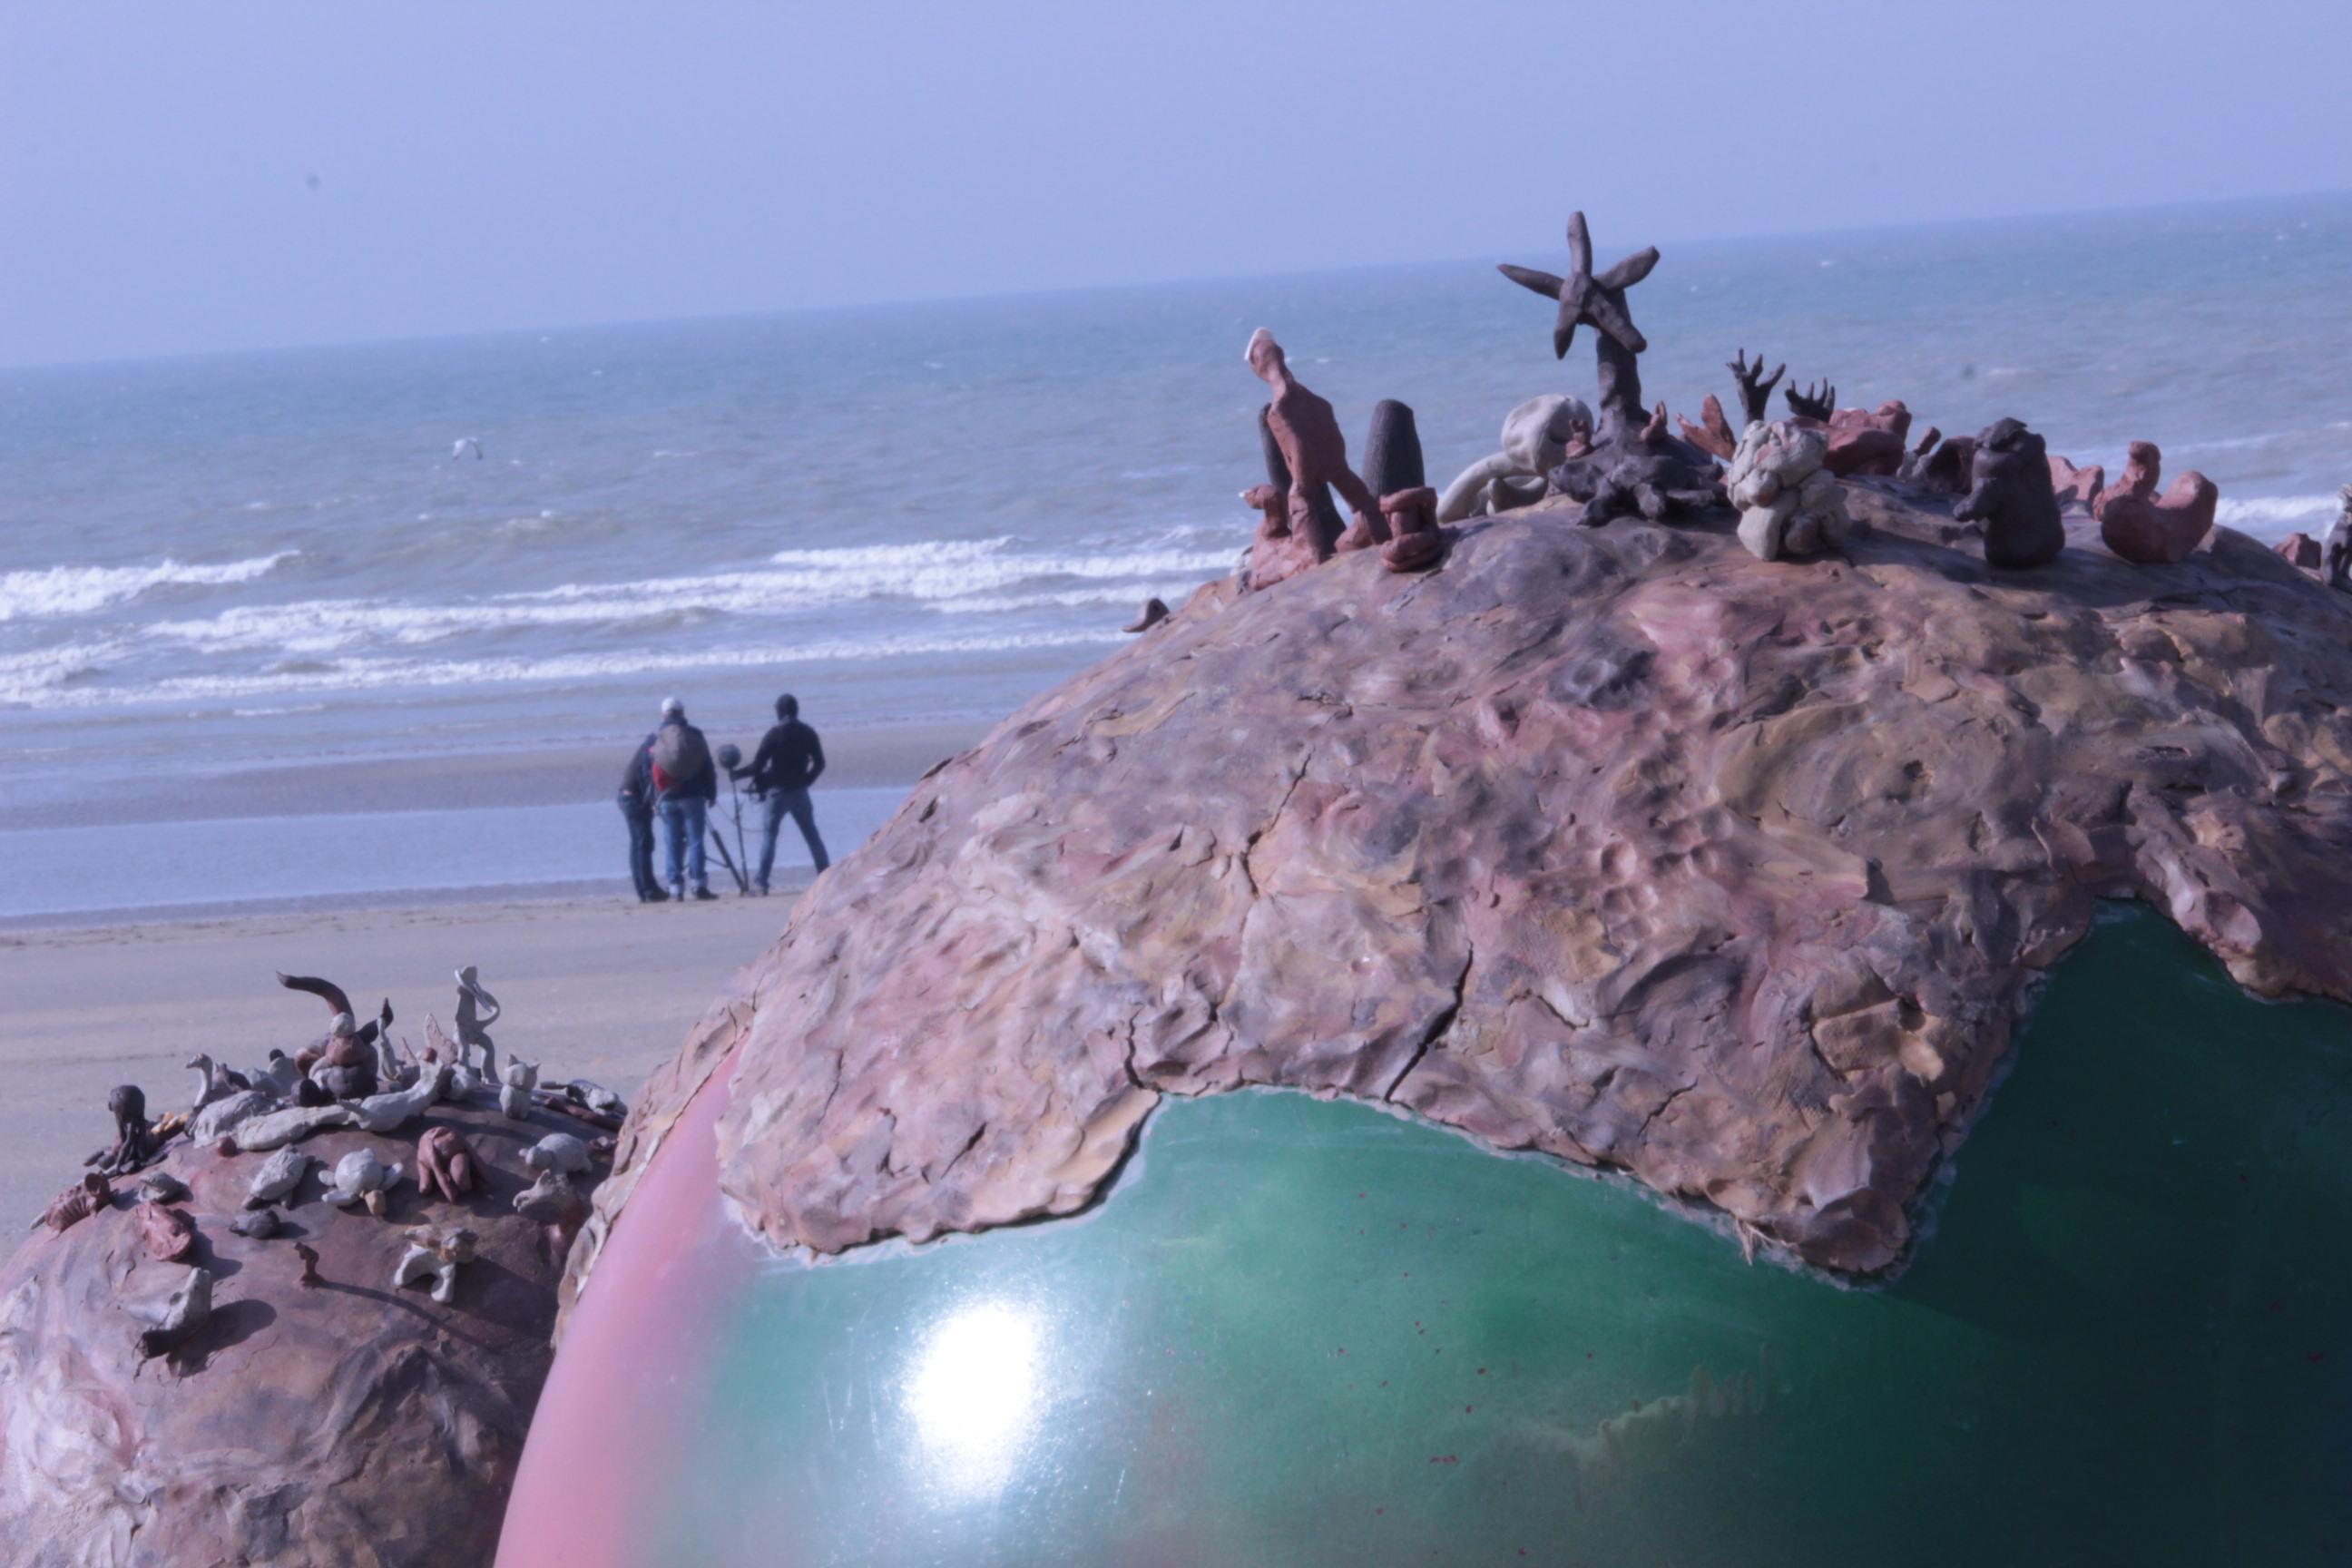 q Rode Aarde, puurlain, Clean up the beach, De Panne, side shore surfers (28)